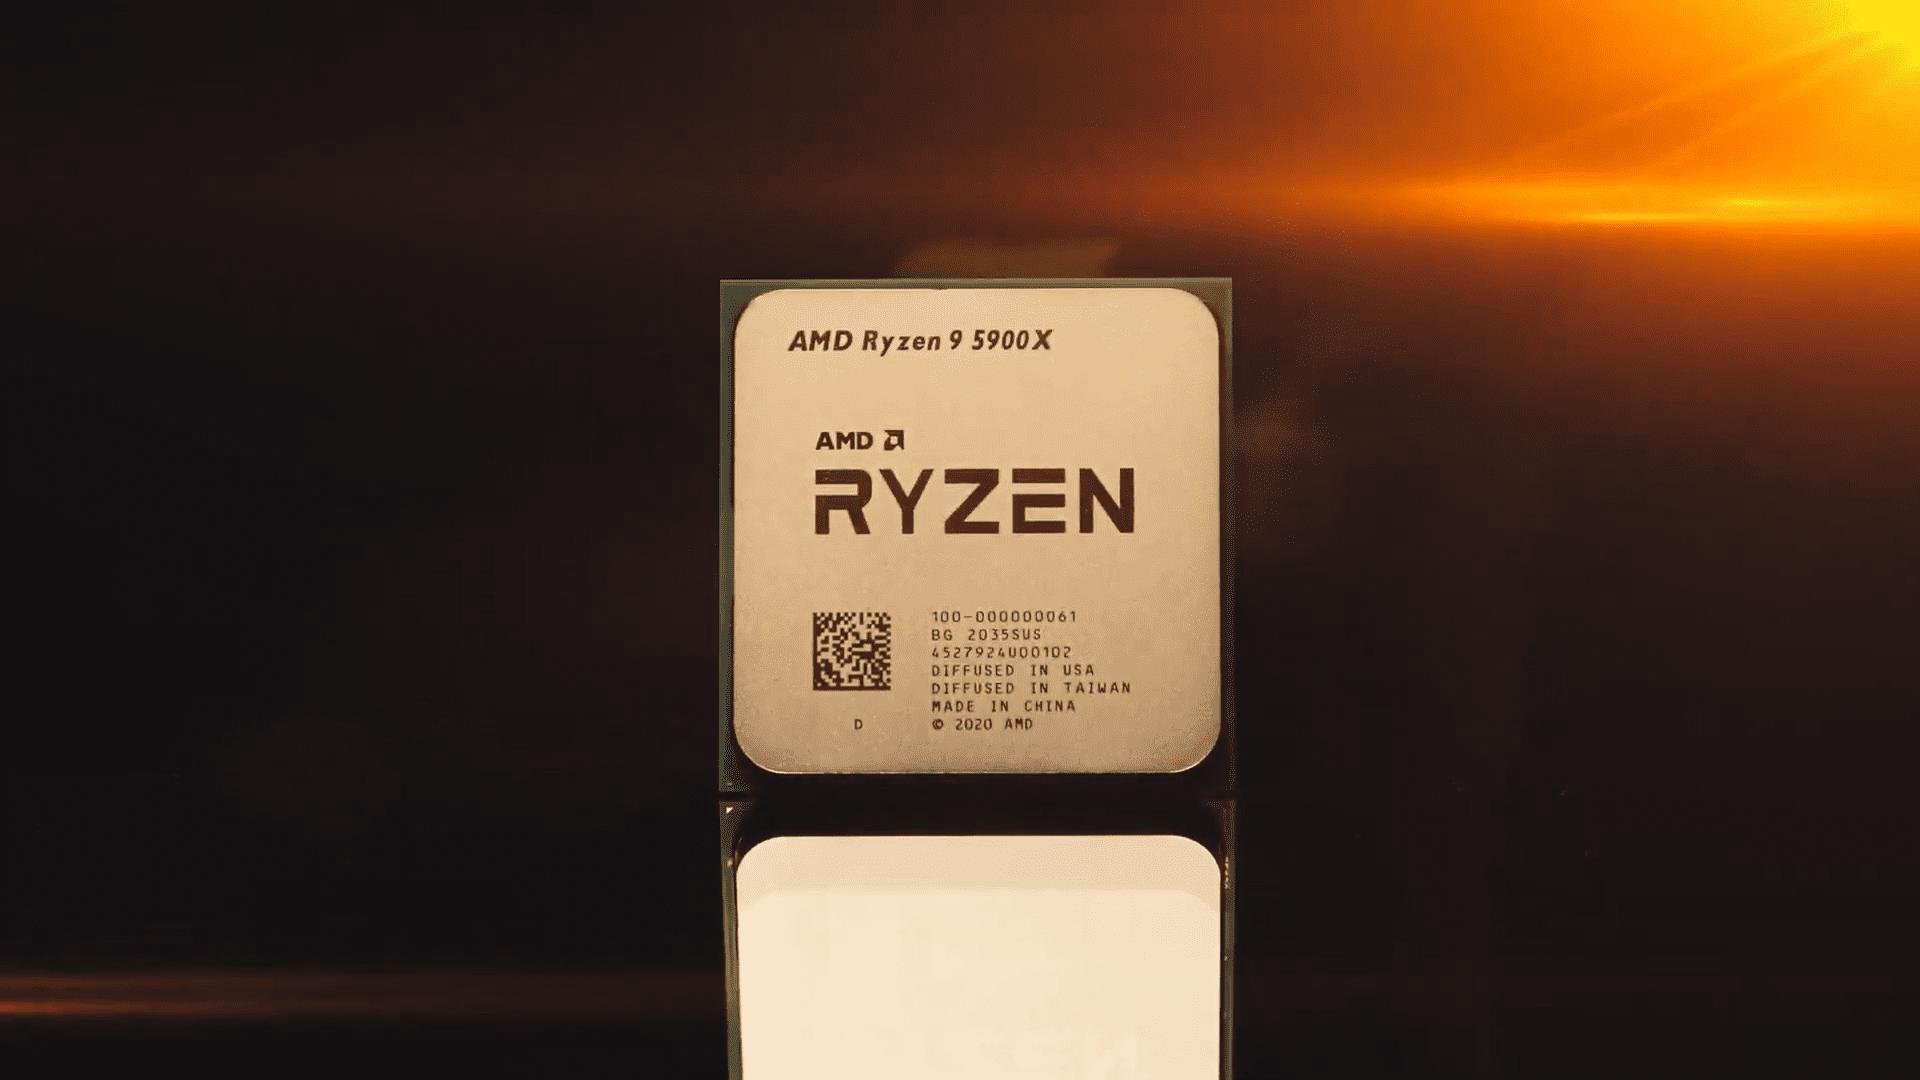 O Ryzen 9 5900X é o processador doméstico mais poderoso para games da AMD. (Foto: Reprodução/YouTube/AMD)